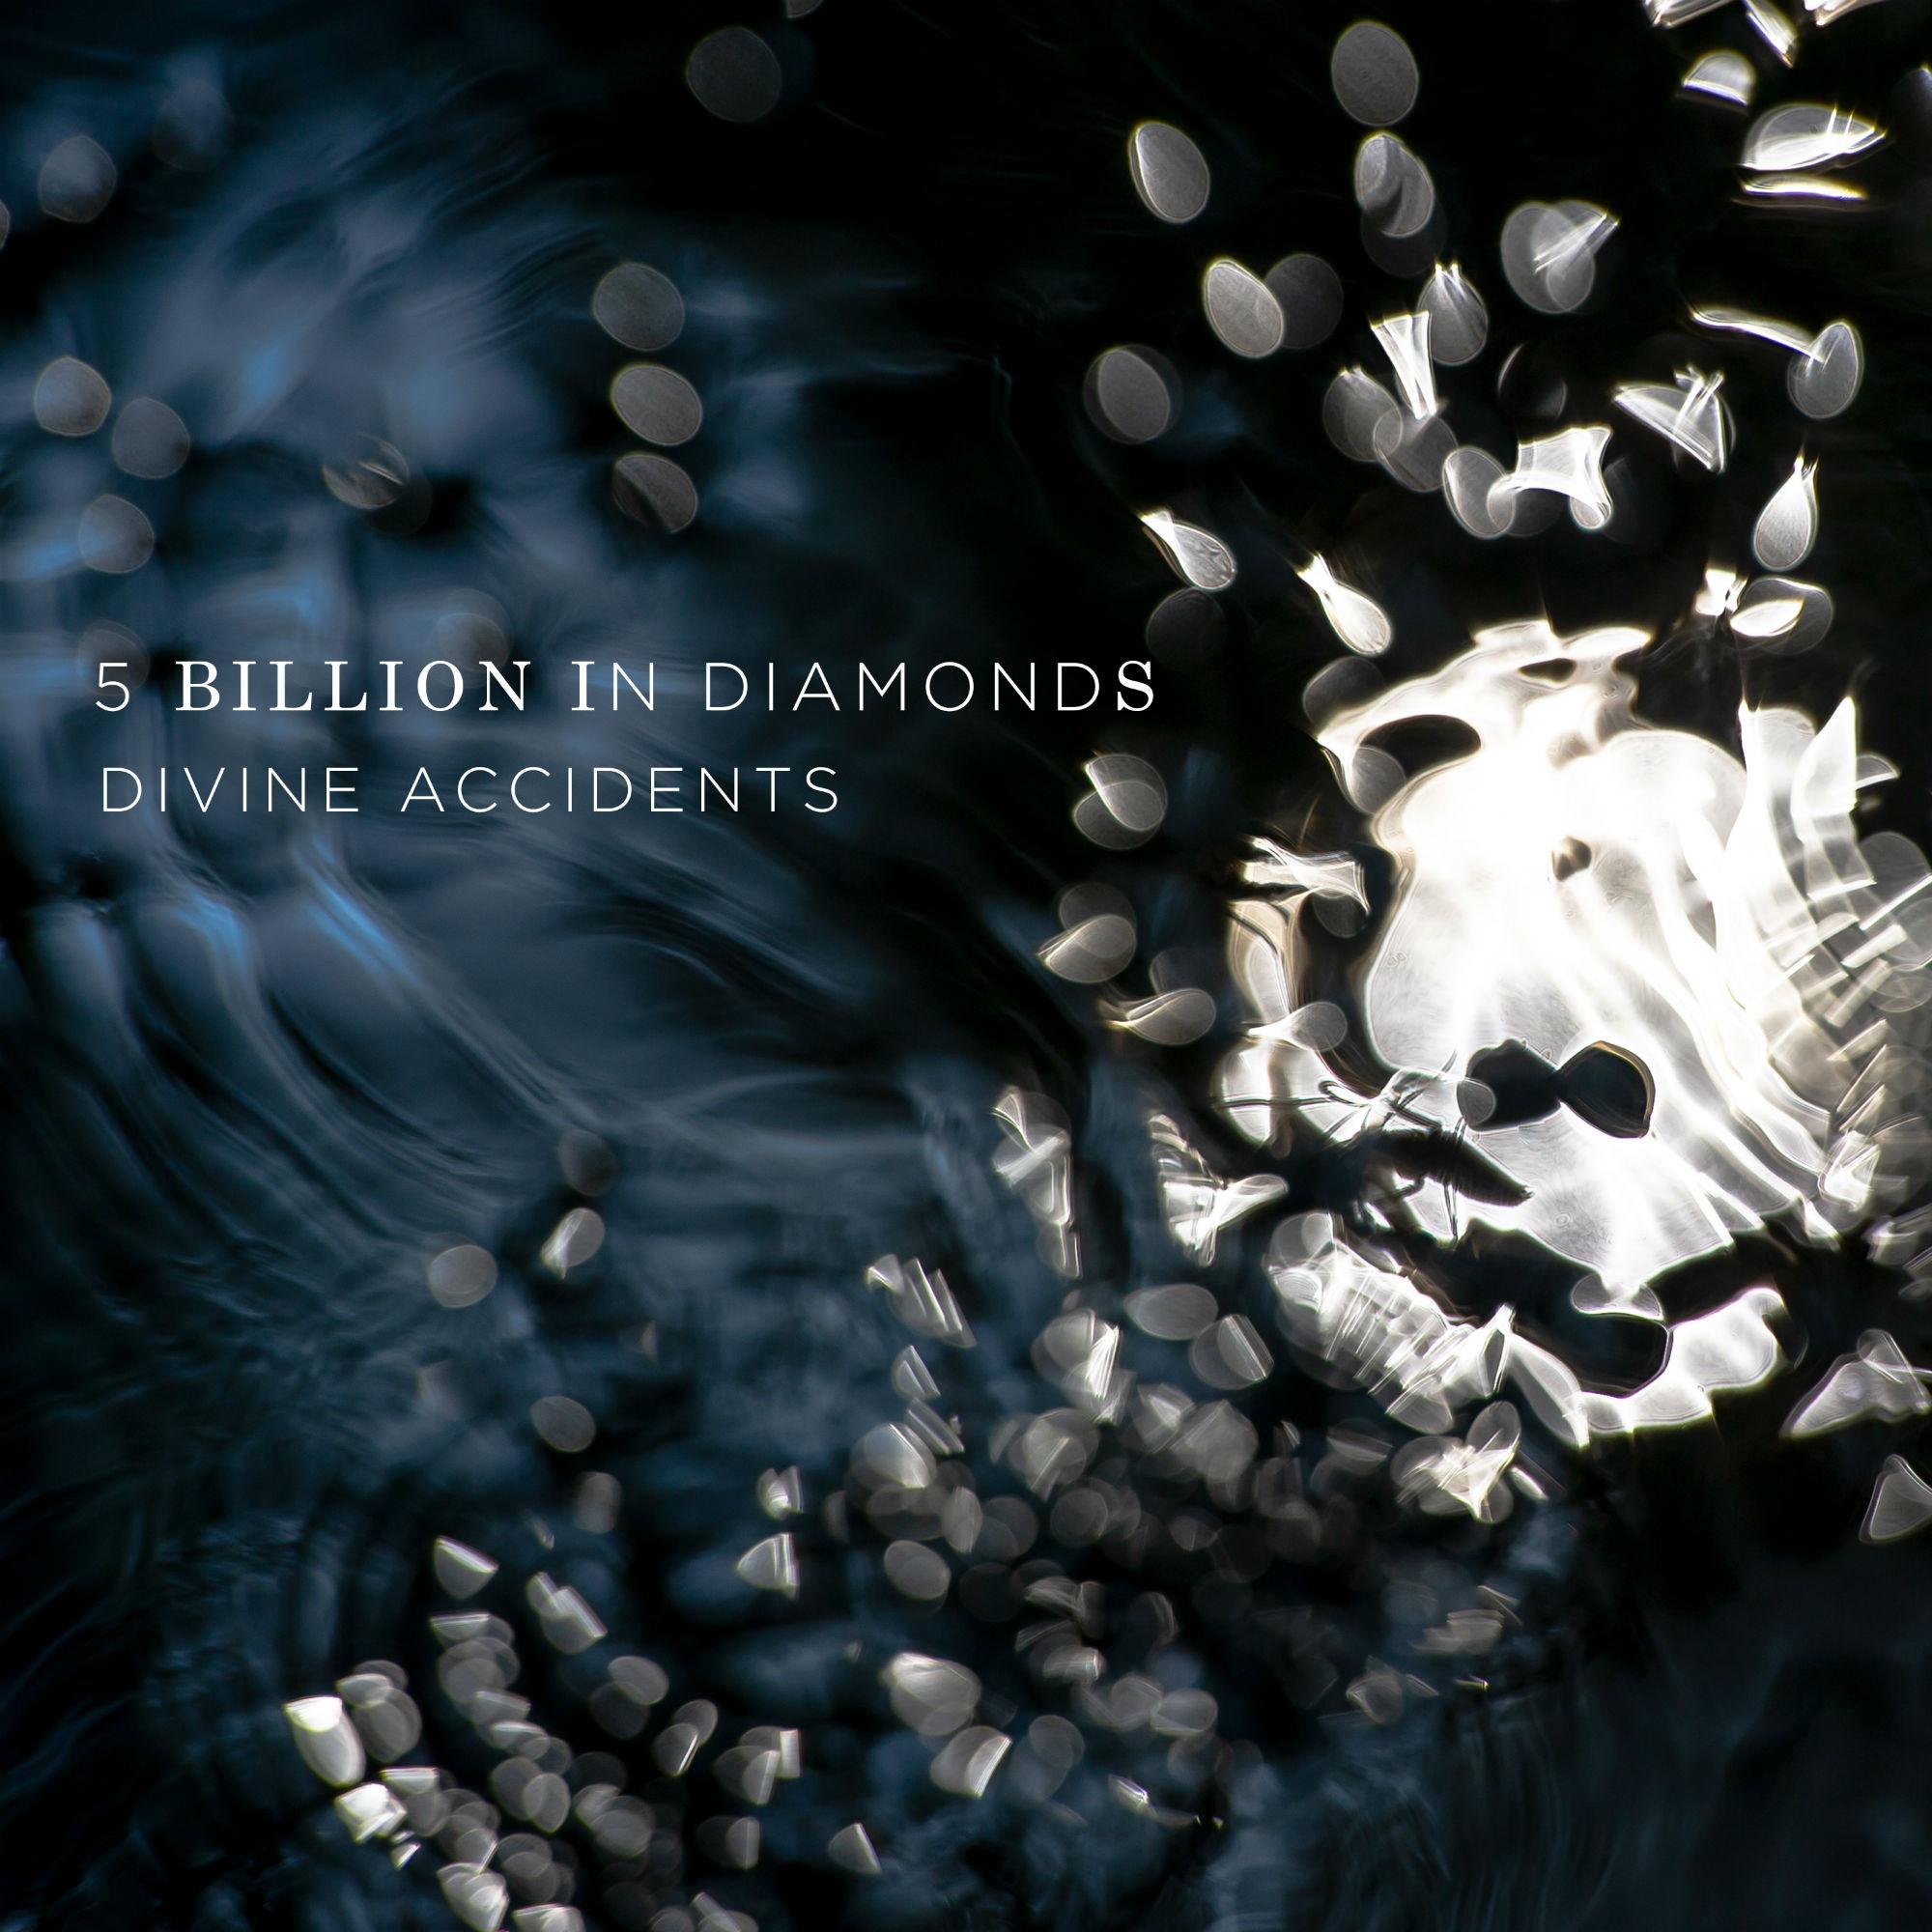 5 Billion In Diamonds announce new album 'Divine Accidents'